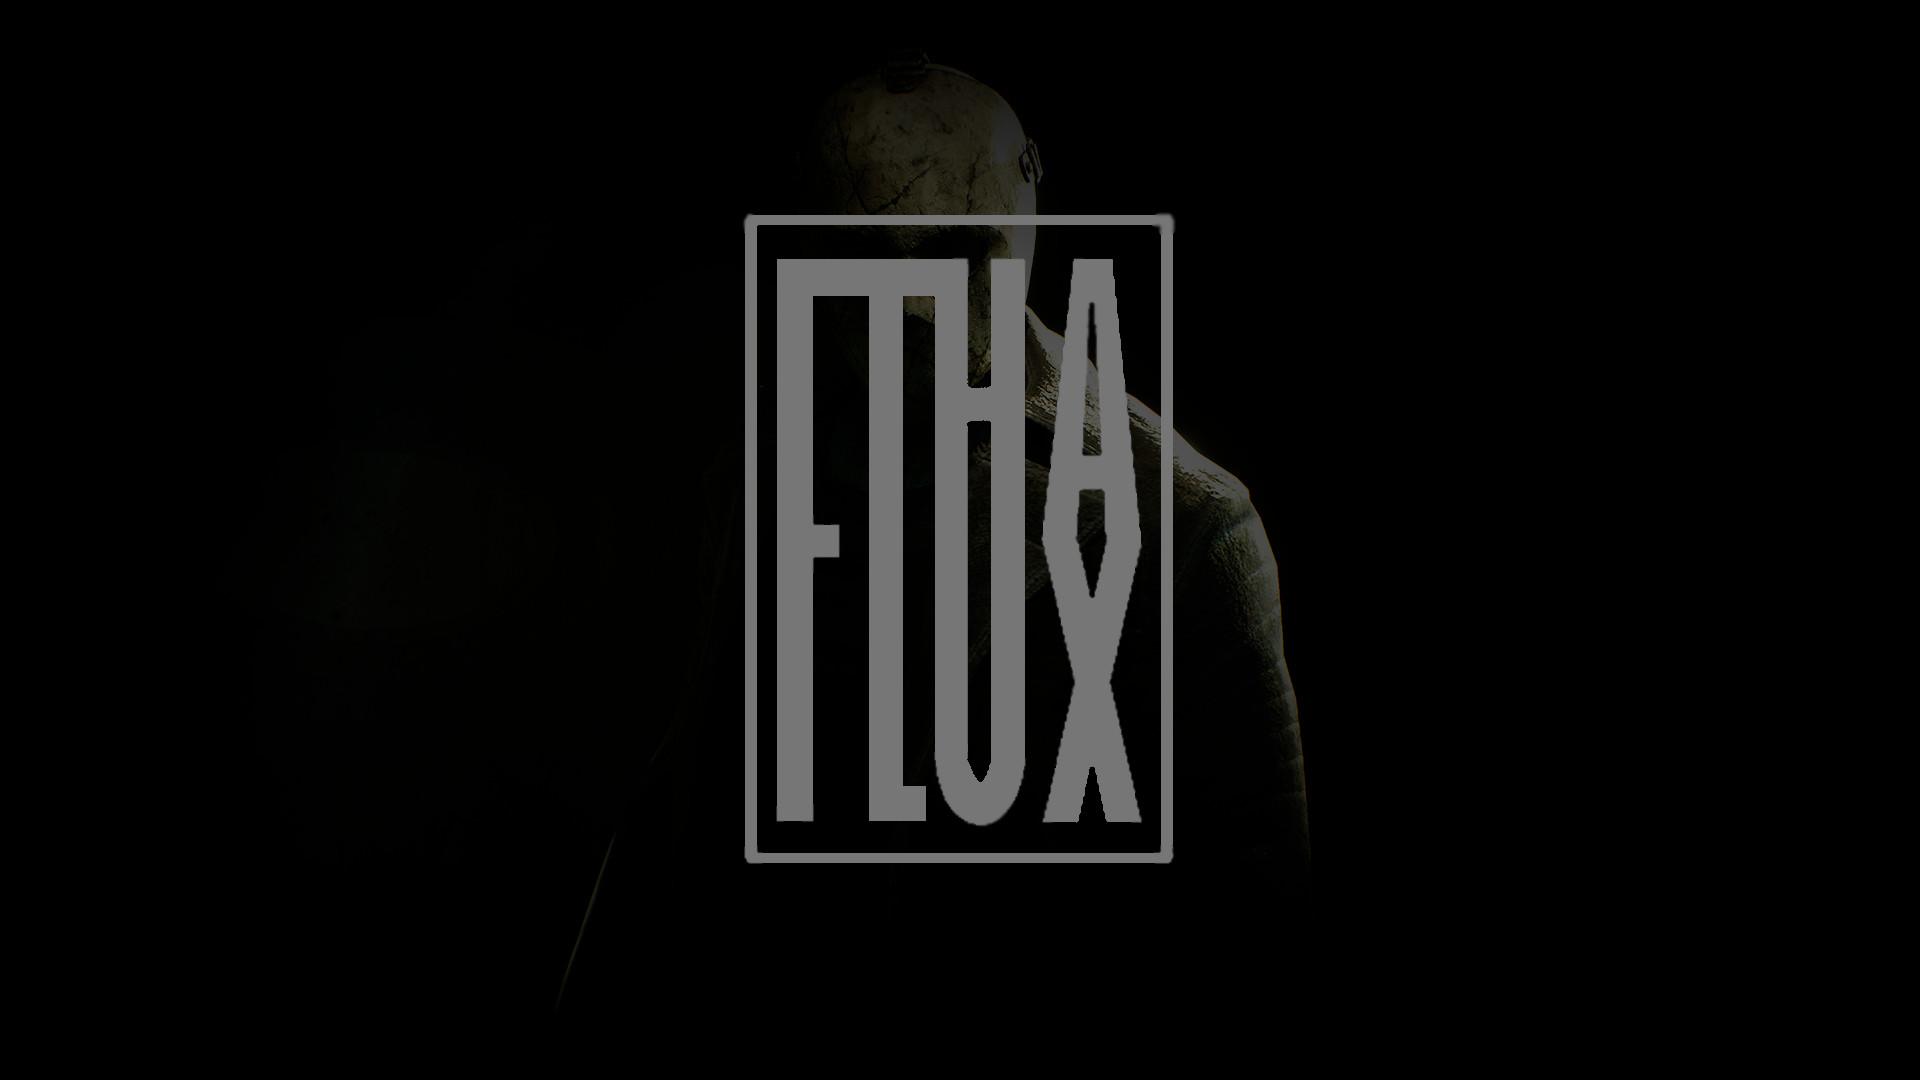 Hasfax - Soundtrack screenshot